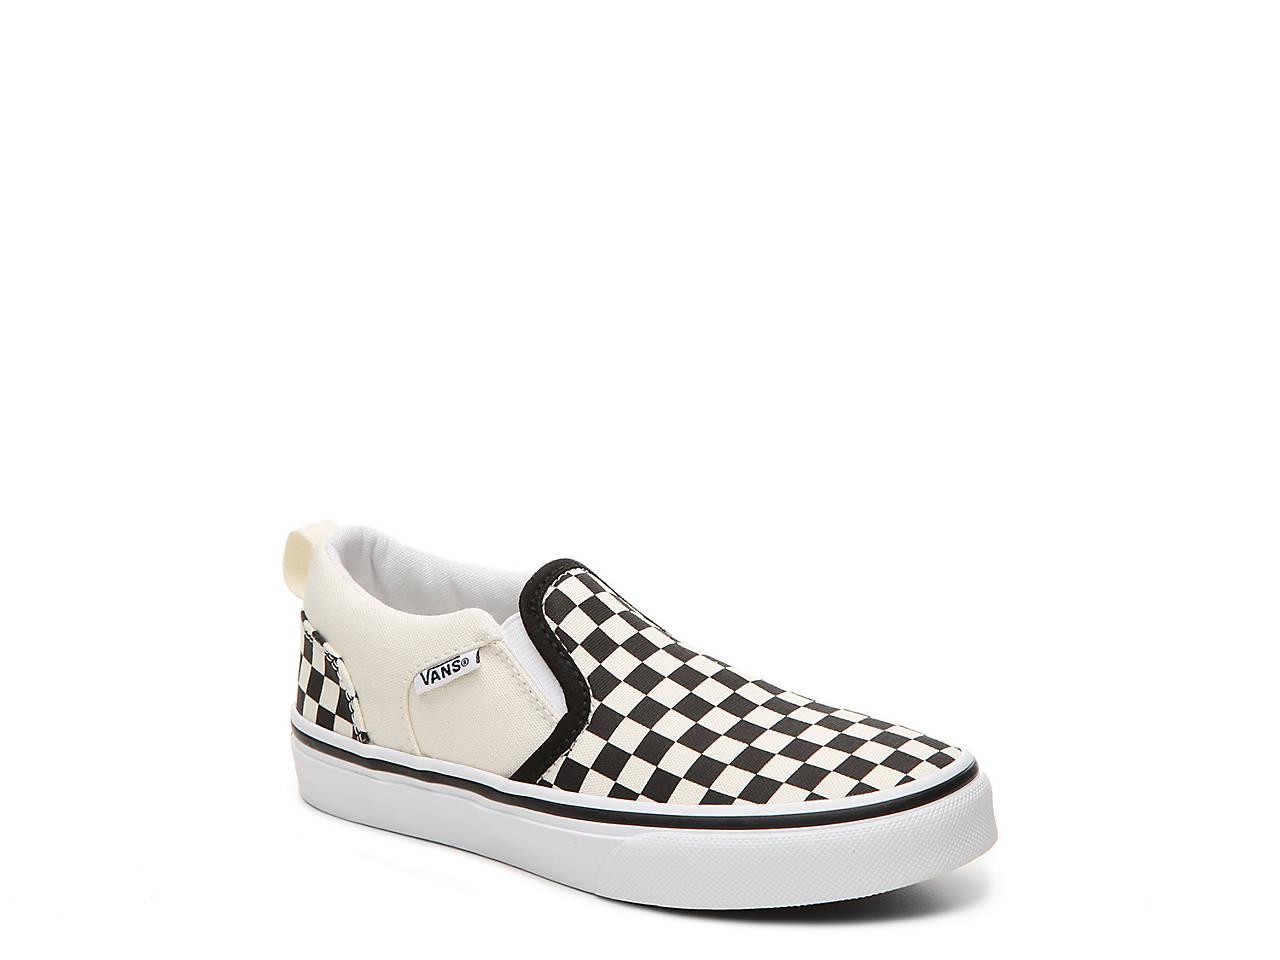 Asher Checkers Slip-On Sneaker - Kids'